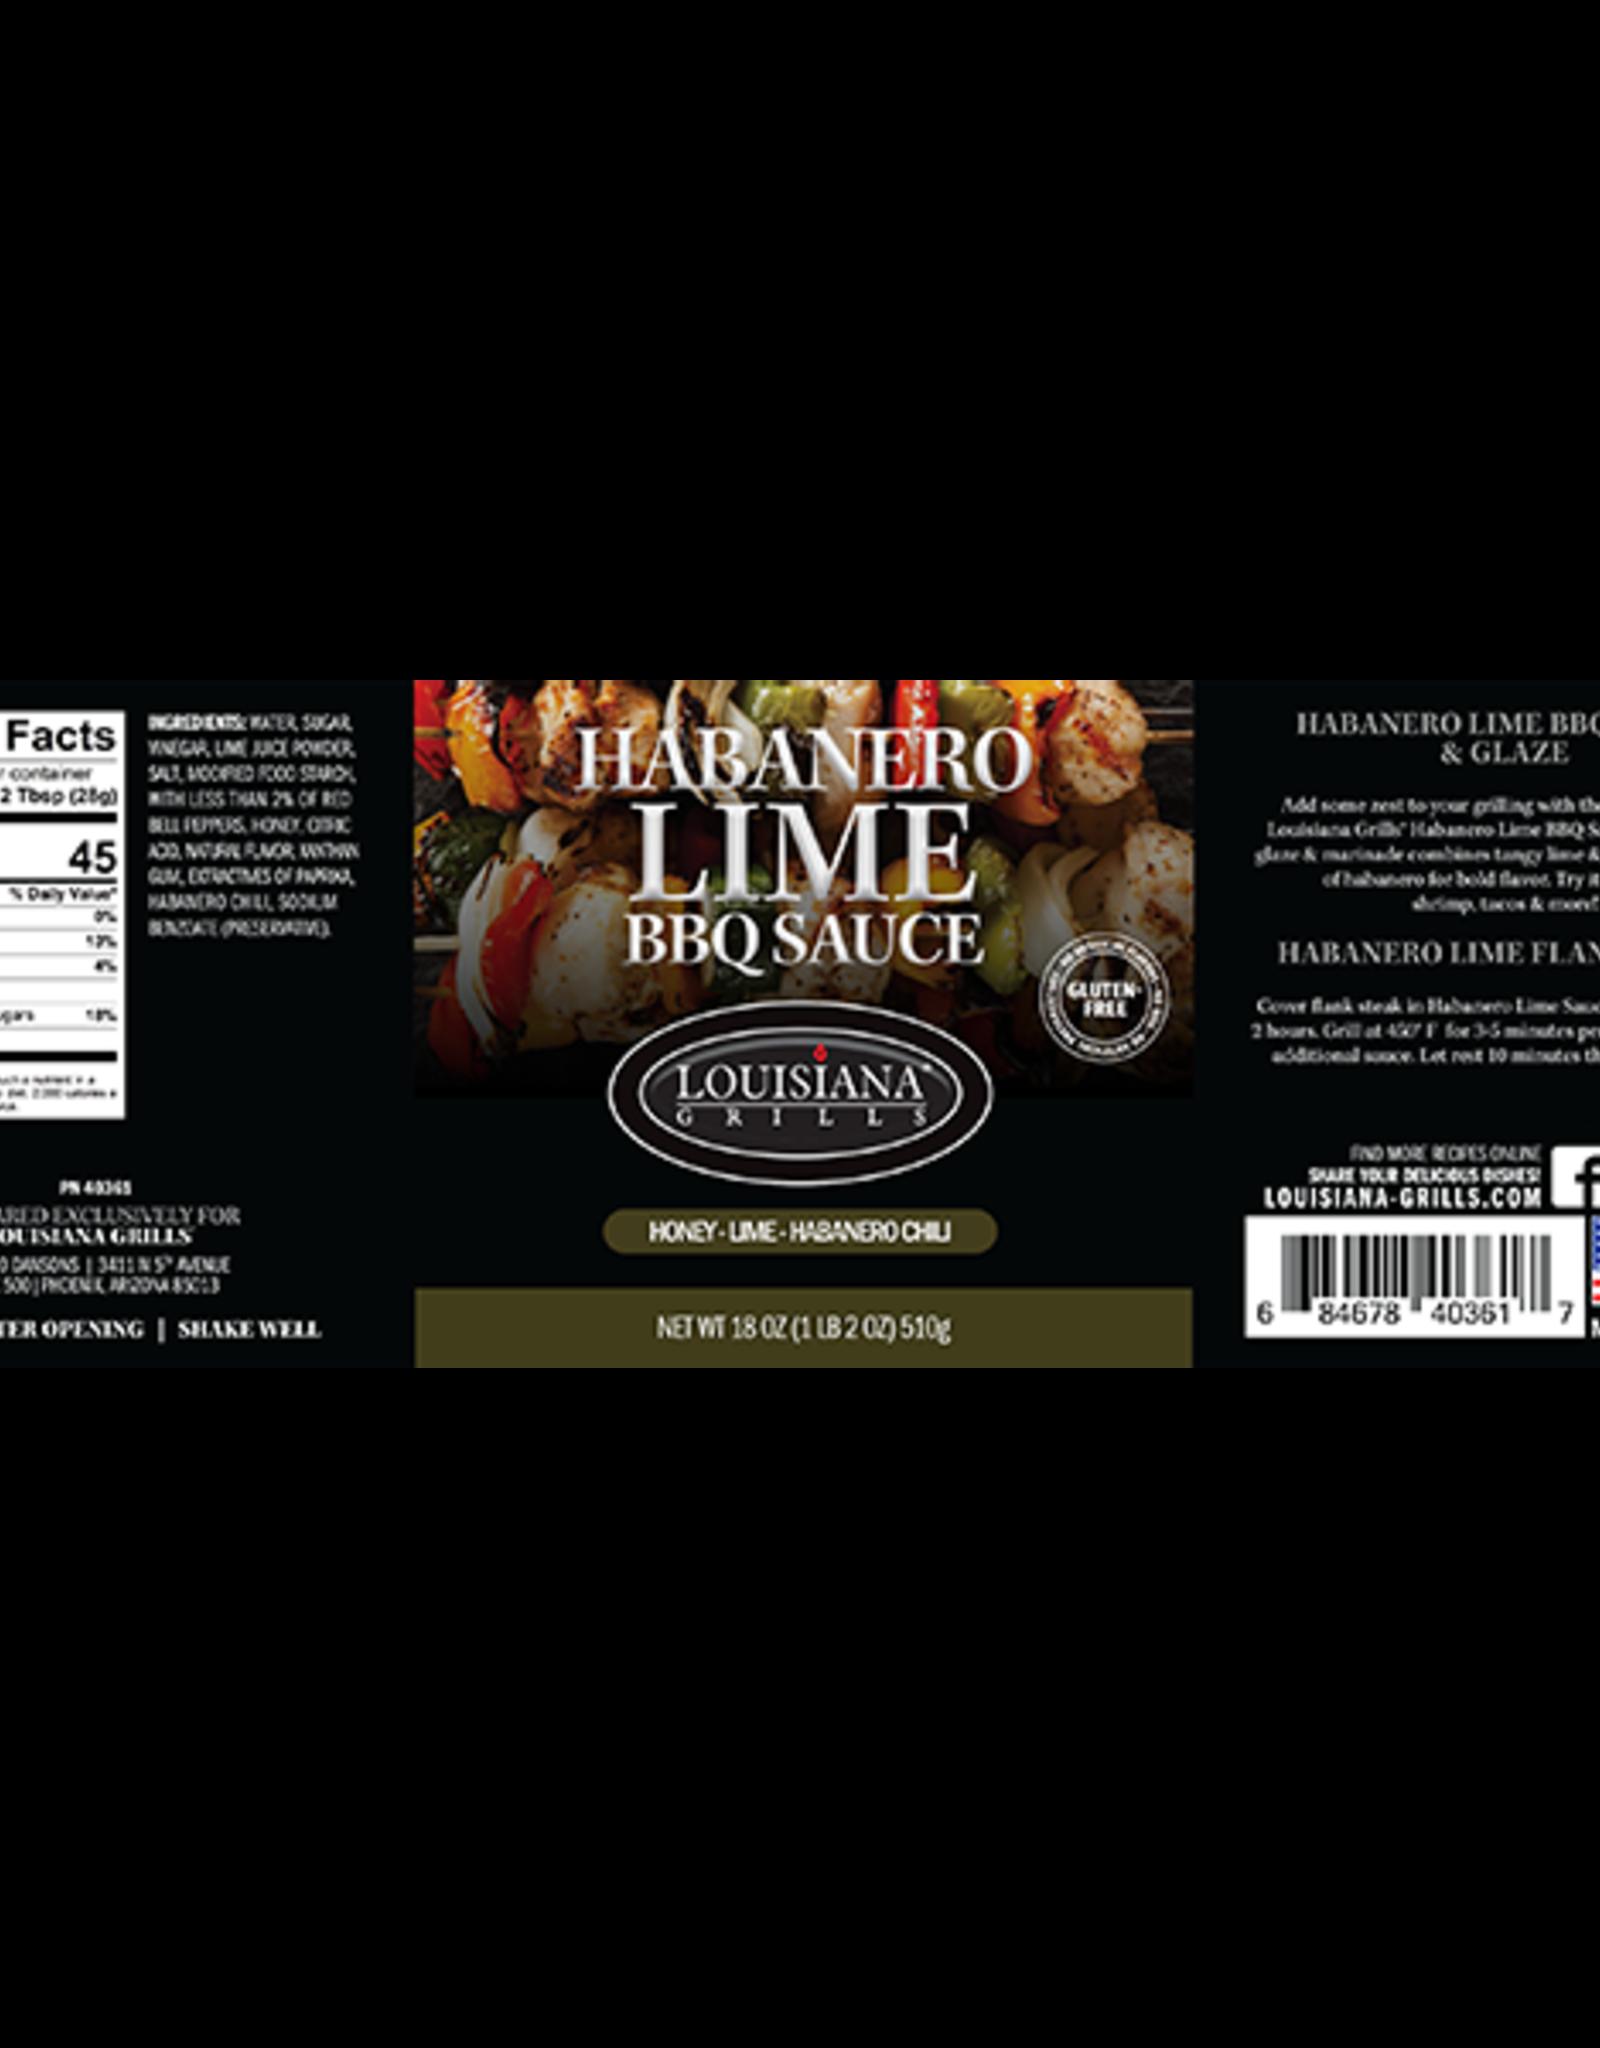 LOUISIANA LOUISIANA BBQ SAUCES AND GLAZES - HABANERO LIME GLAZE